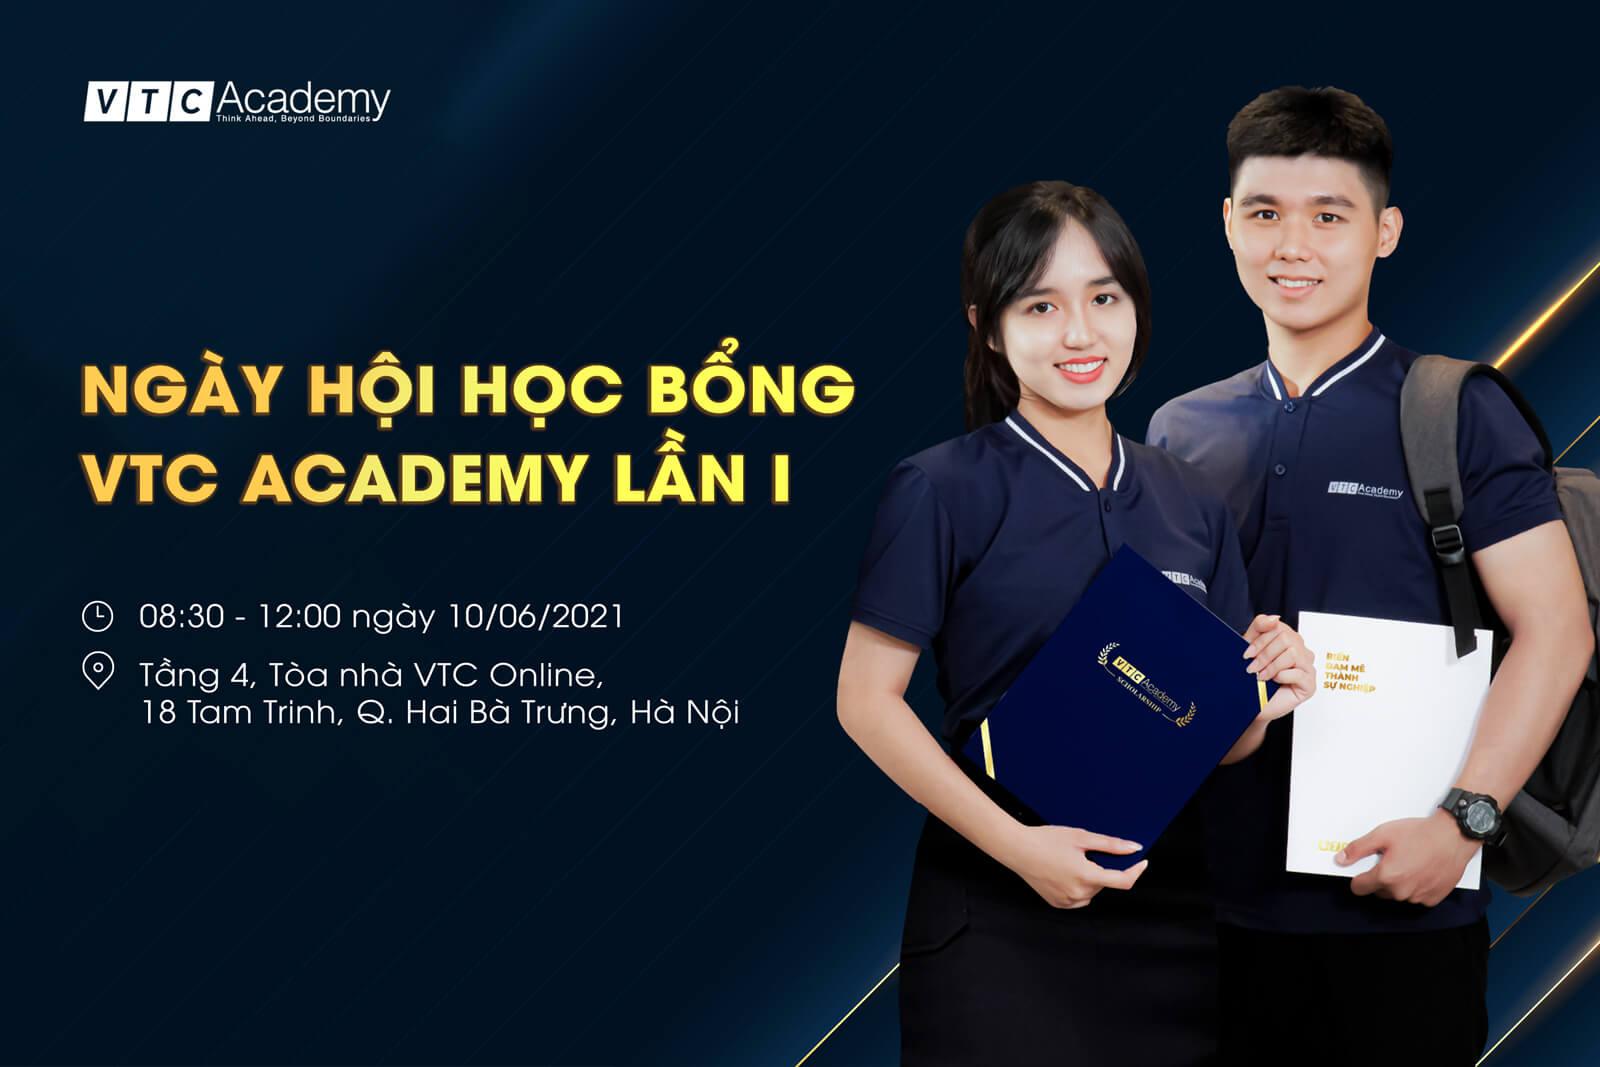 Ngày hội học bổng VTC Academy 2021 – Vòng Chung khảo đợt 1